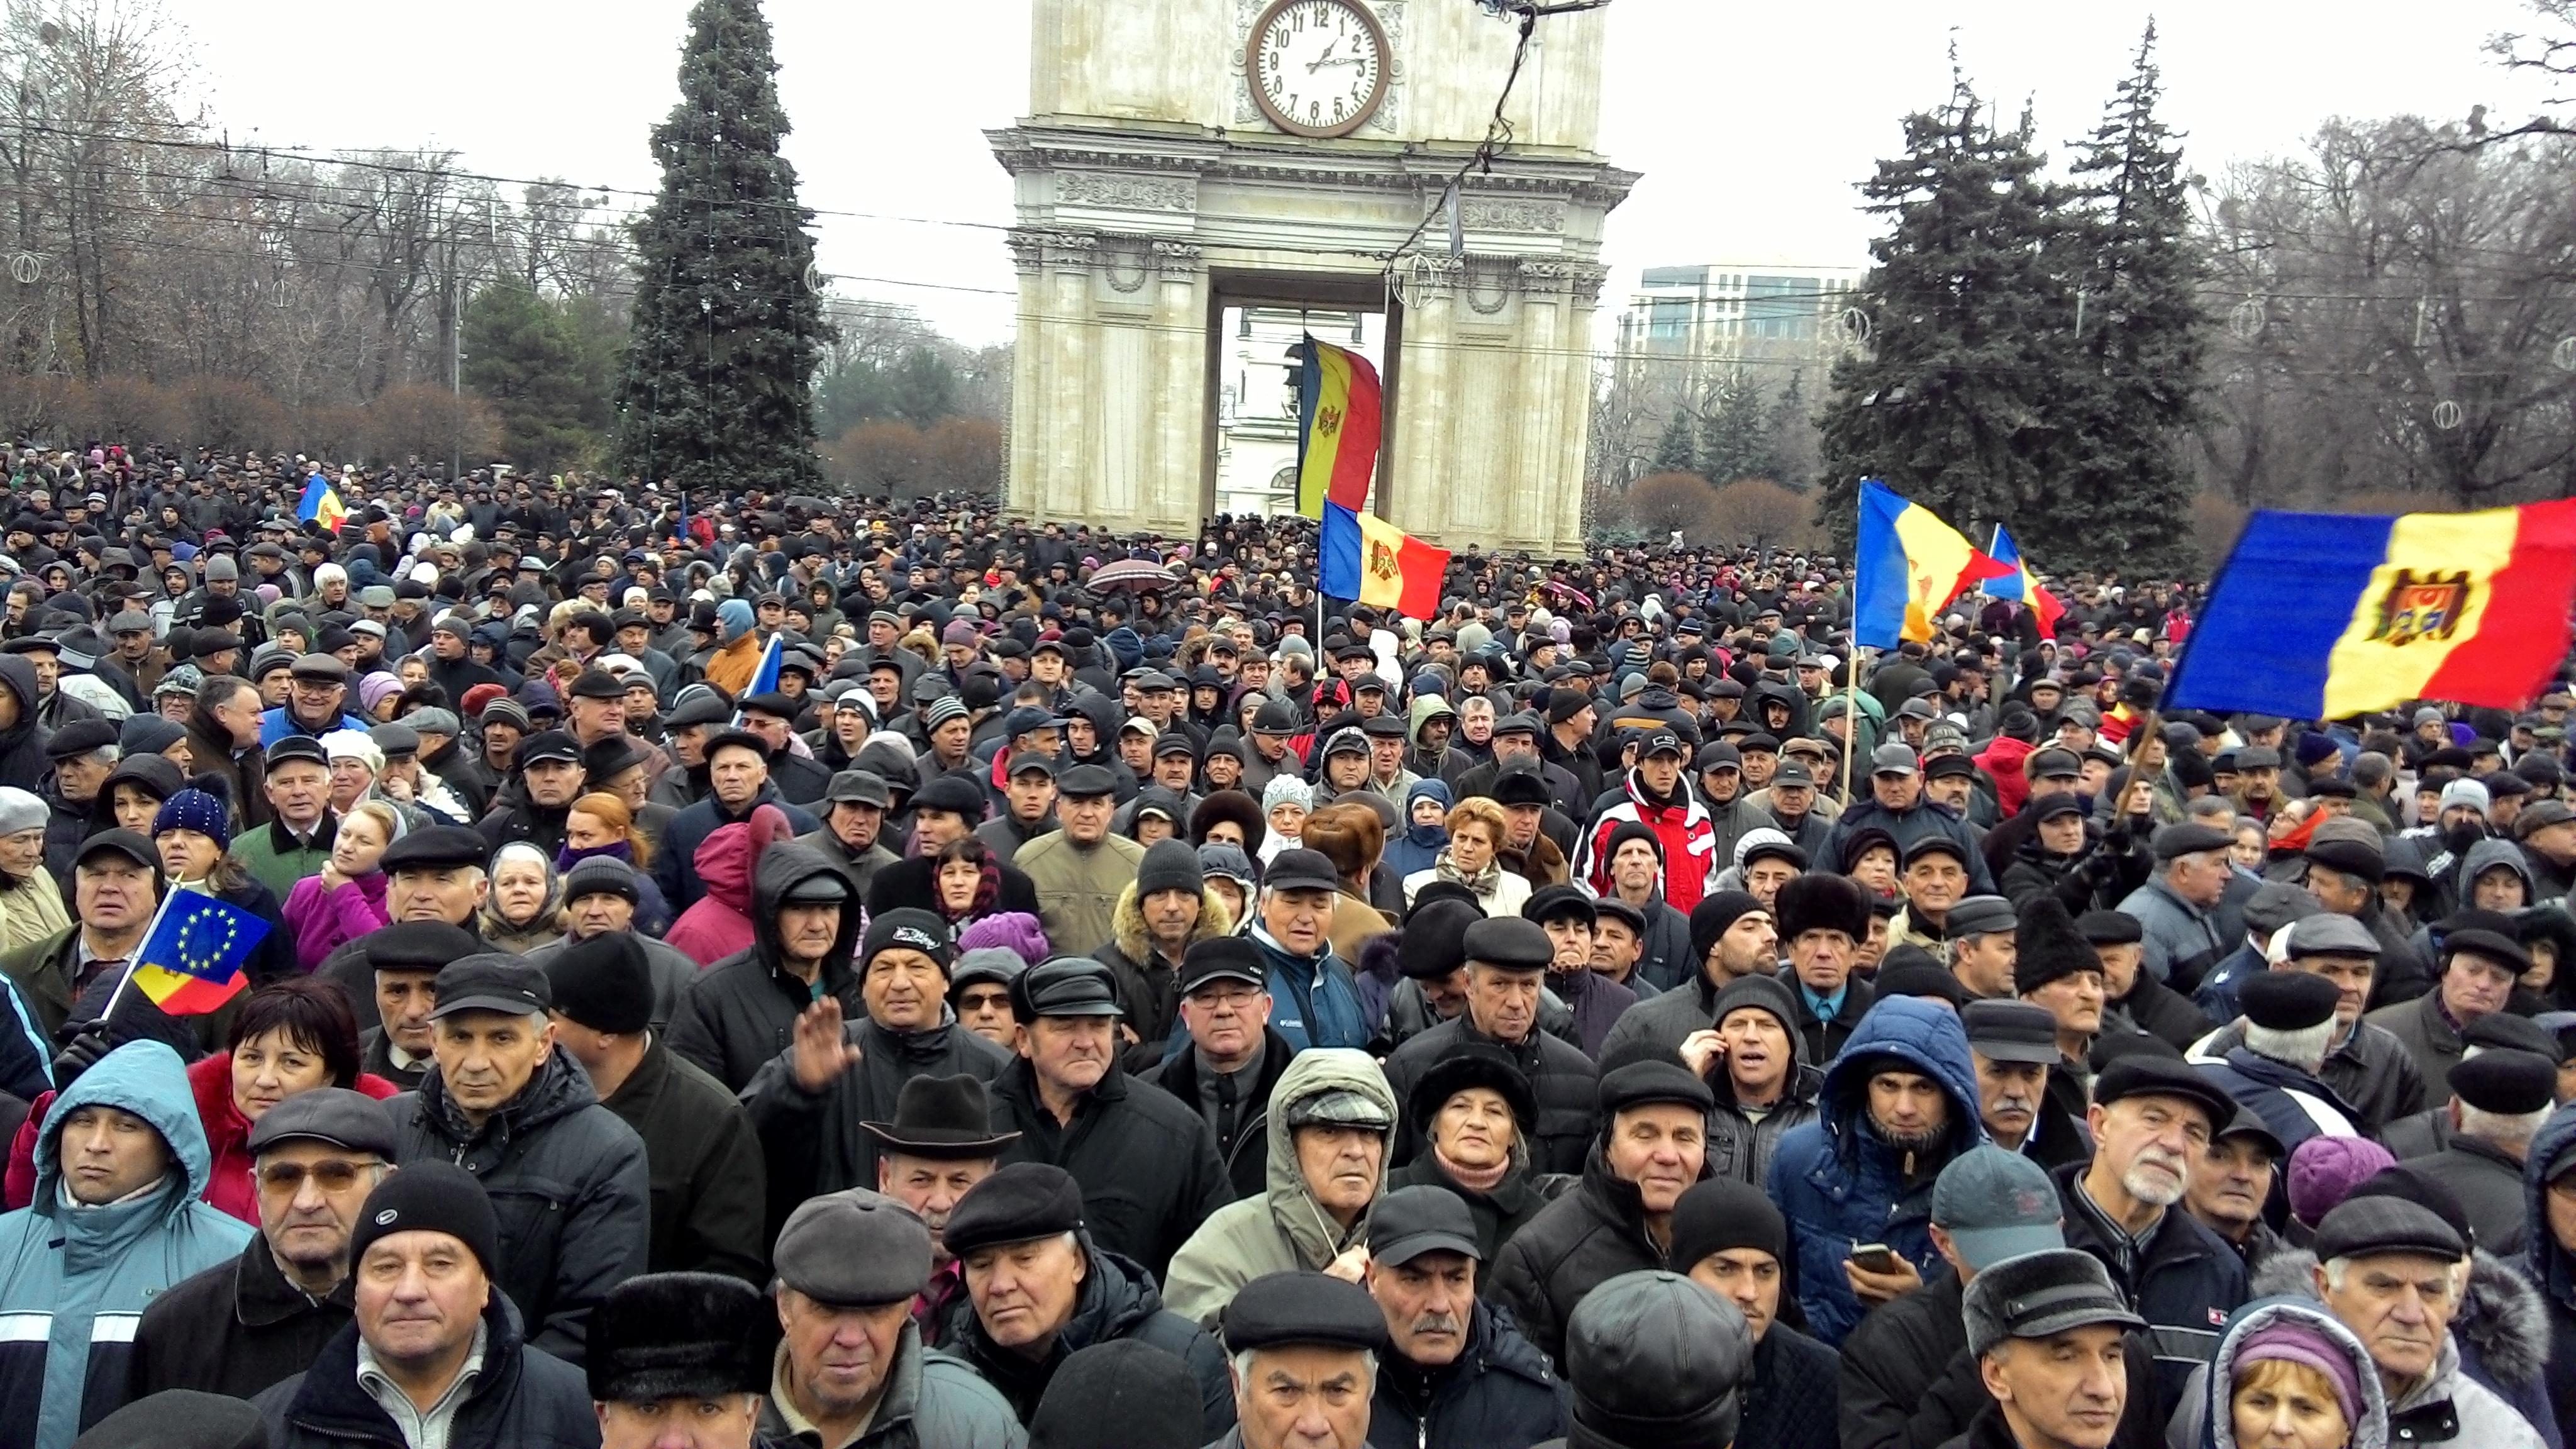 Opoziția-amenință-cu-proteste-masive-la-Chișinău